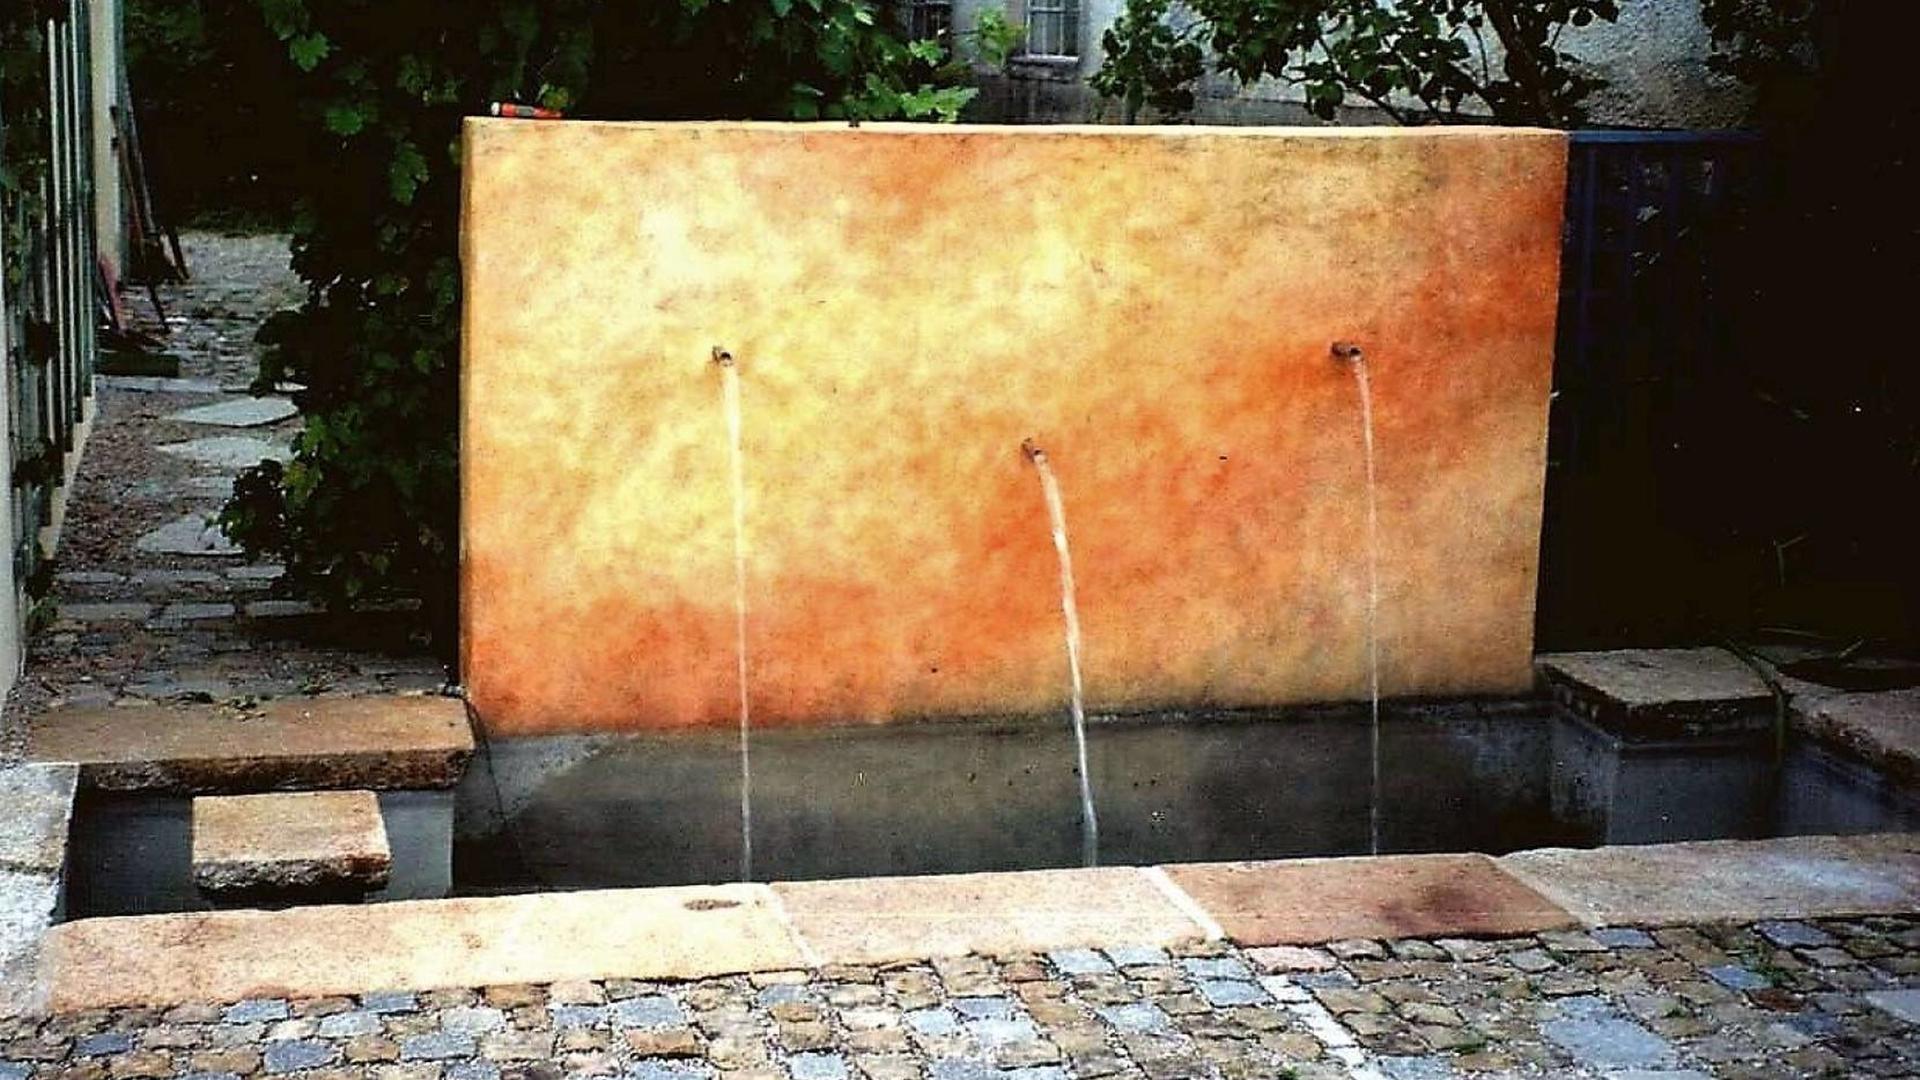 Wasser Brunnen Large